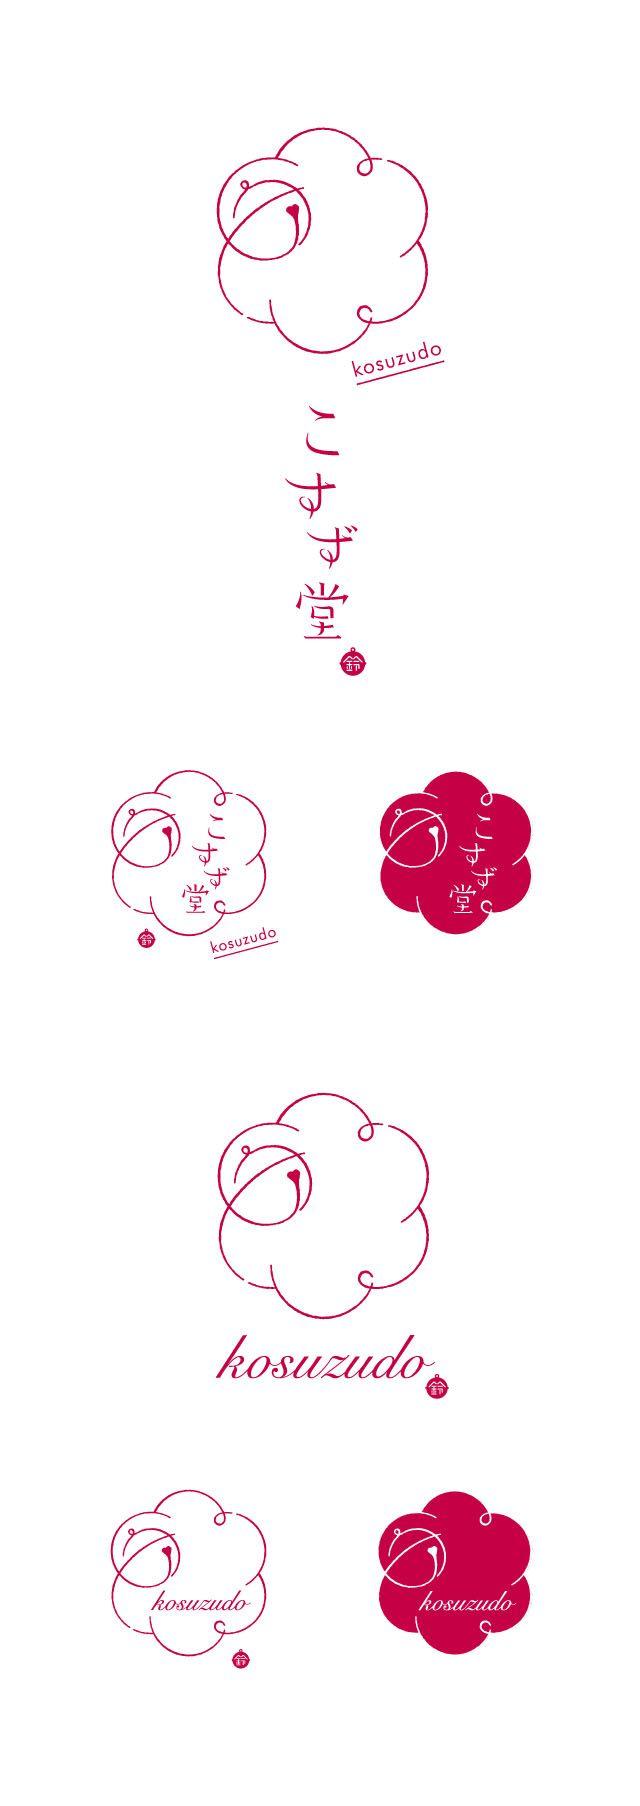 雑貨屋りんりん様のブランド「こすず堂」のロゴデザインです。 慶弔事用ふくさなどを販売されています。  雑貨屋りんりん サイト   日本...